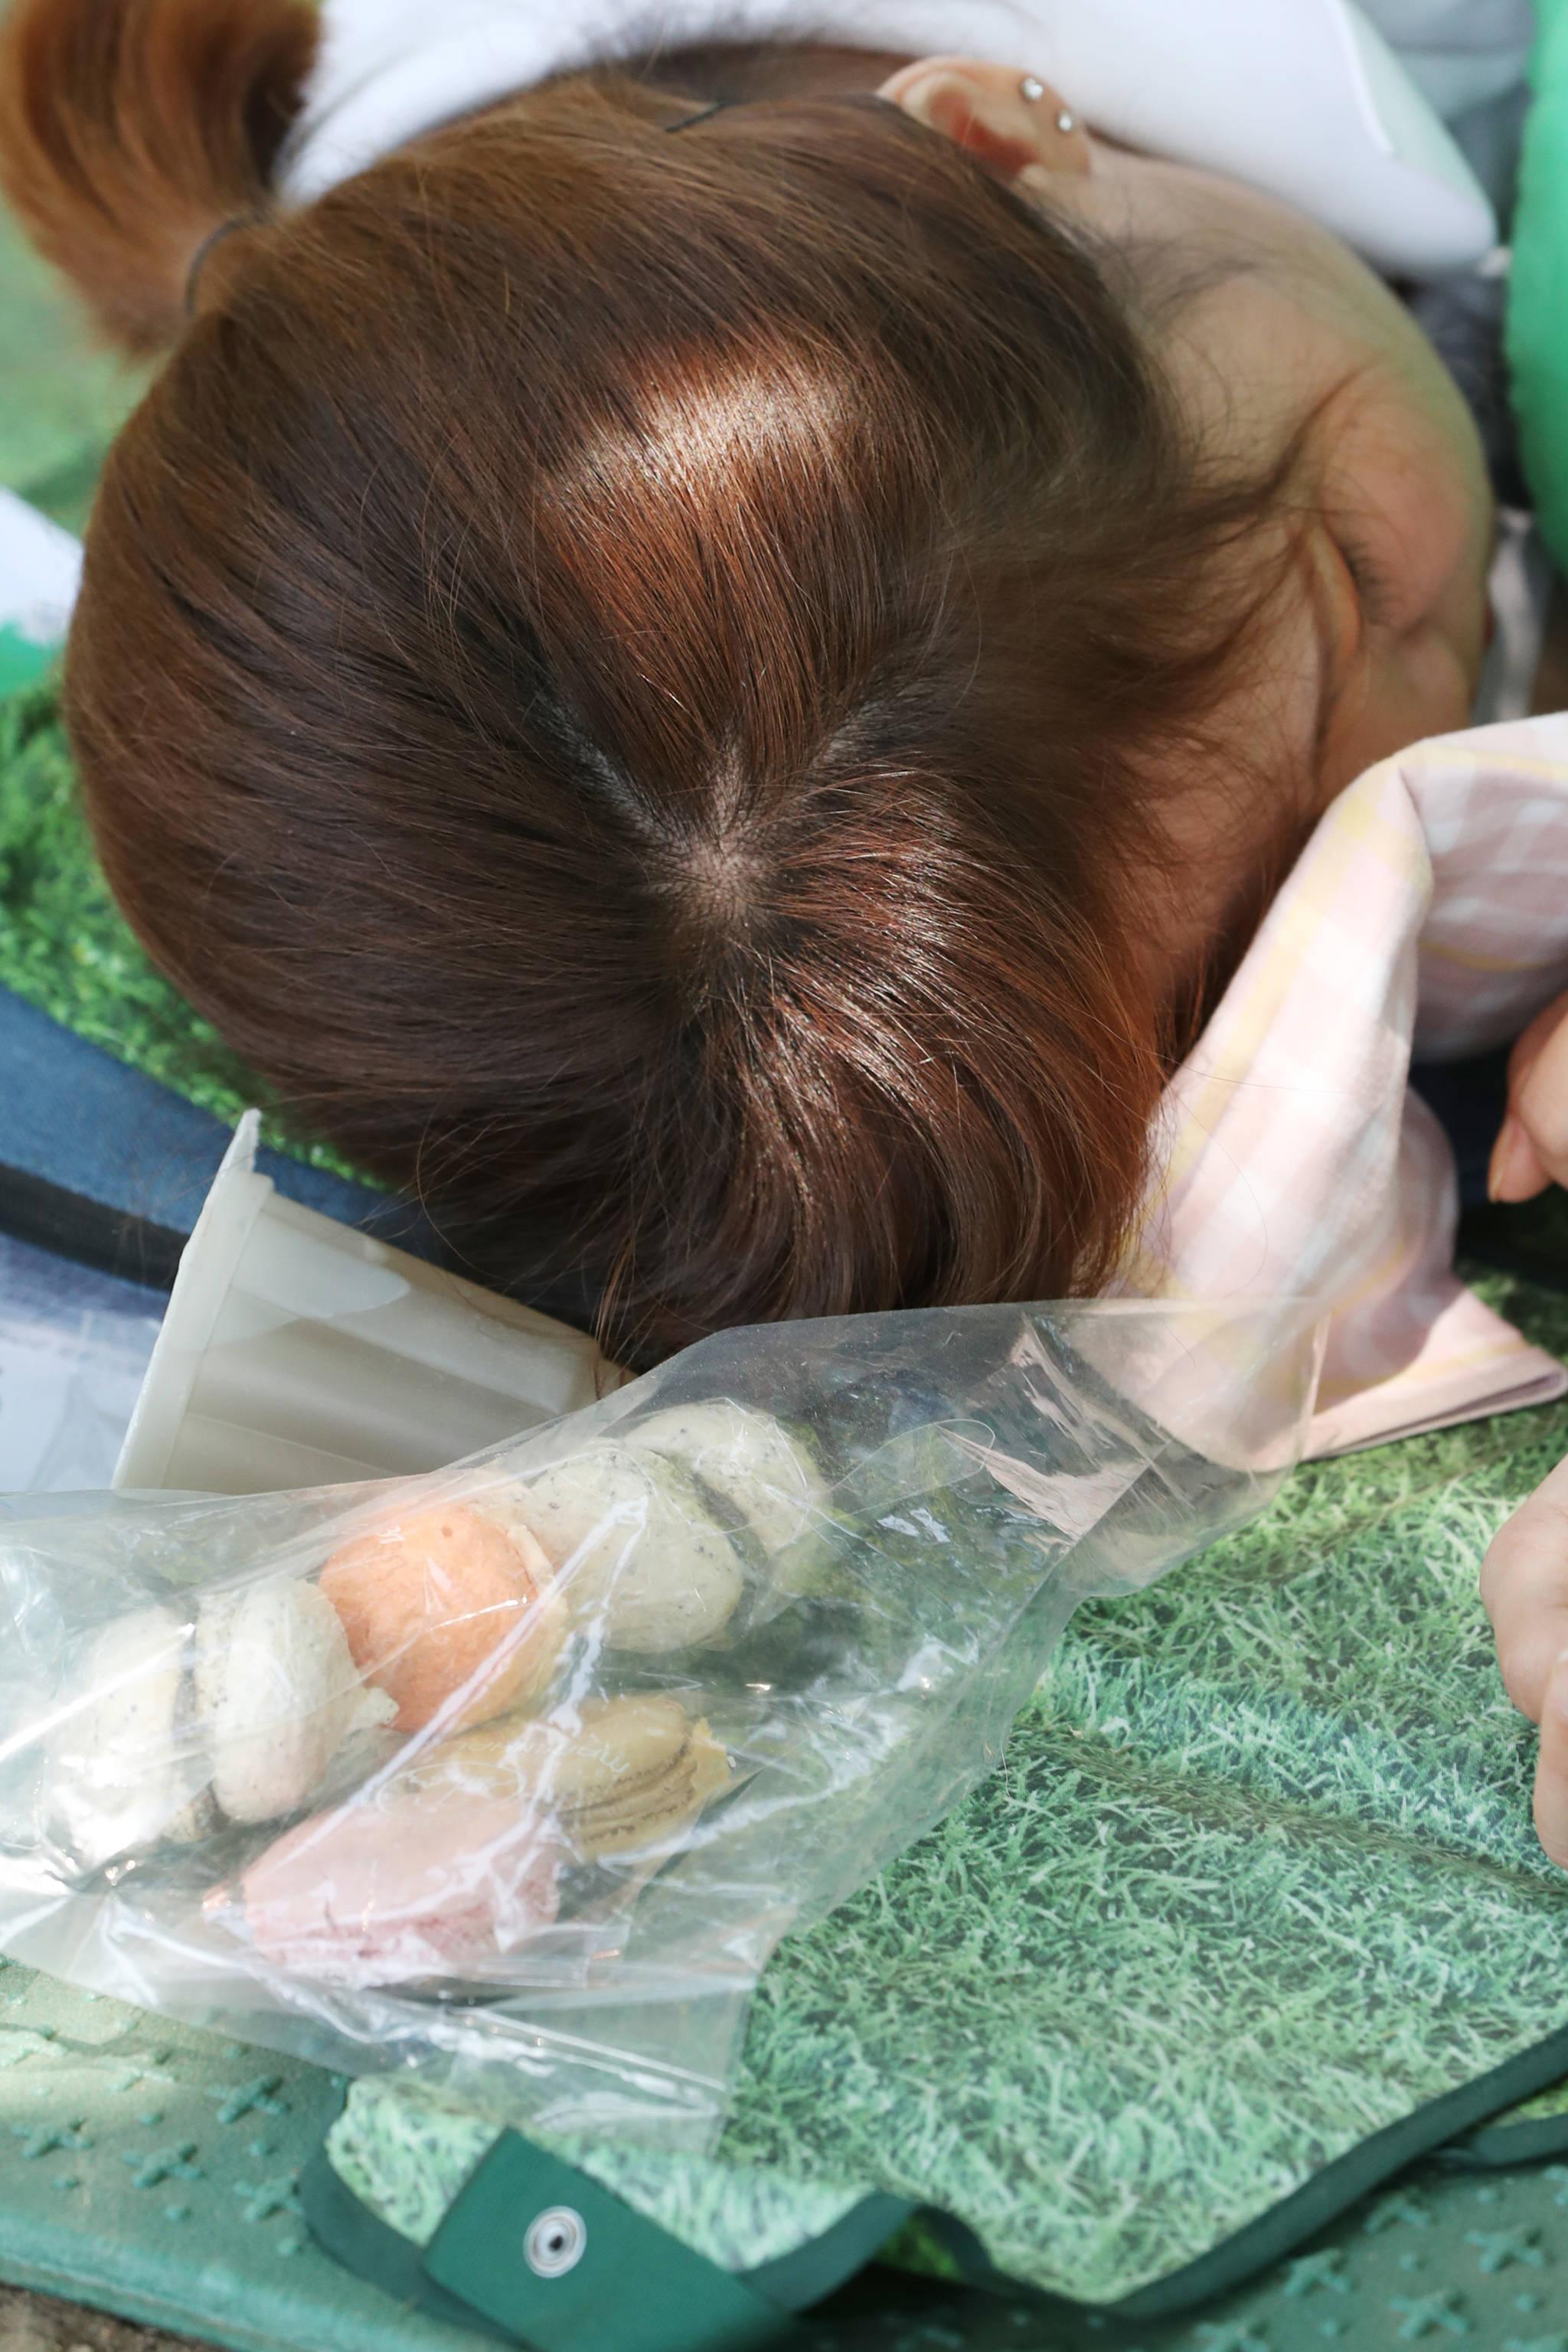 마카롱같이 달콤한 잠을 자고 있는 참가자.